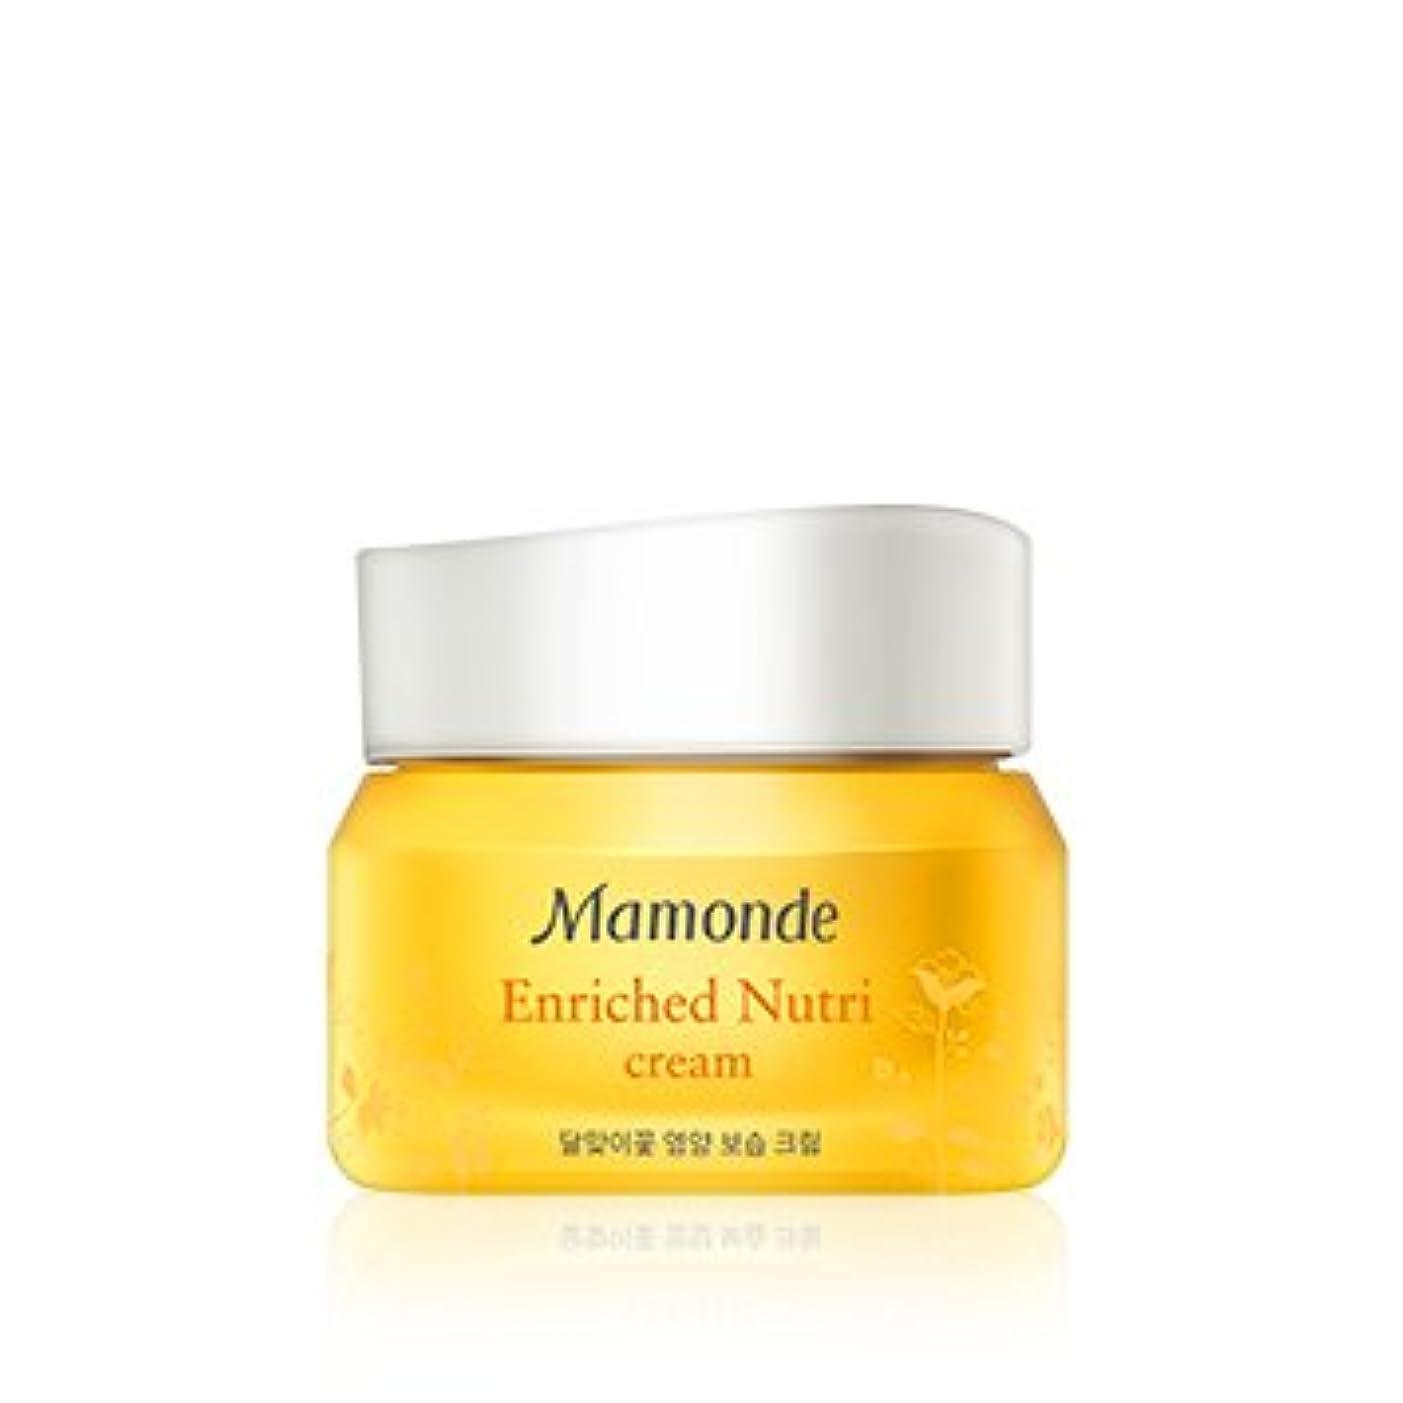 衣類安定船上[New] Mamonde Enriched Nutri Cream 50ml/マモンド エンリッチド ニュートリ クリーム 50ml